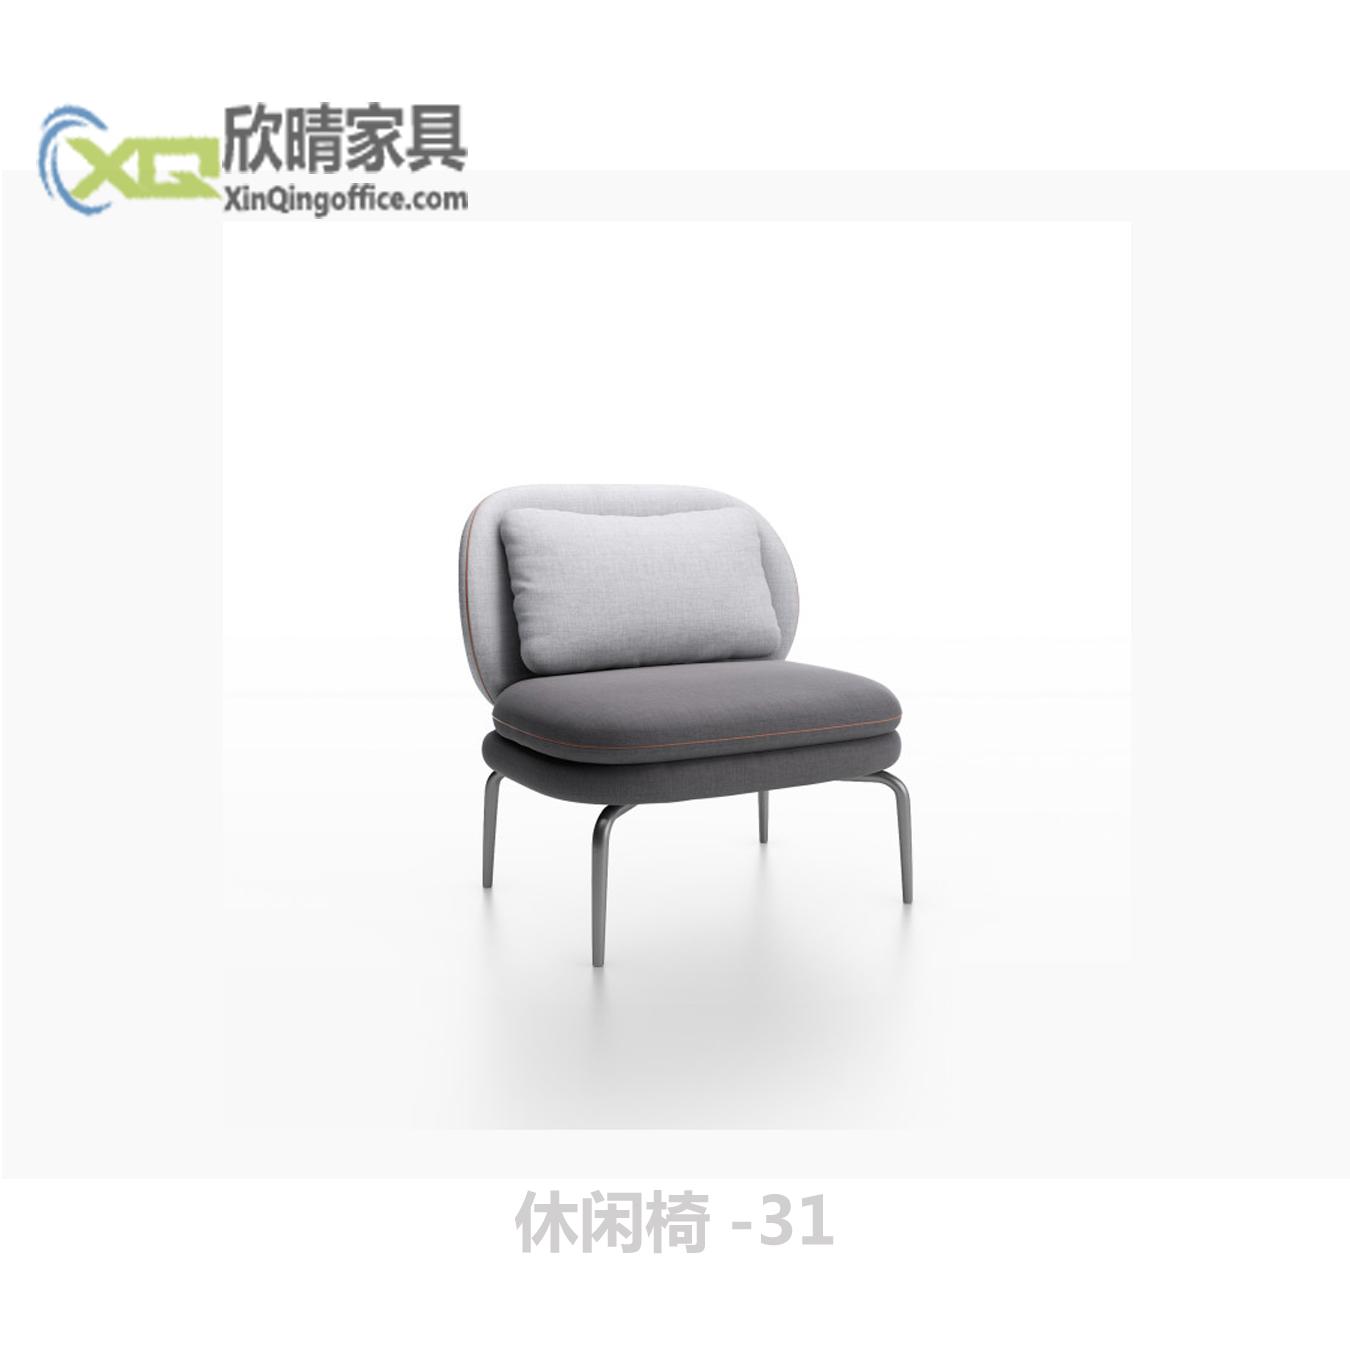 休闲椅-31